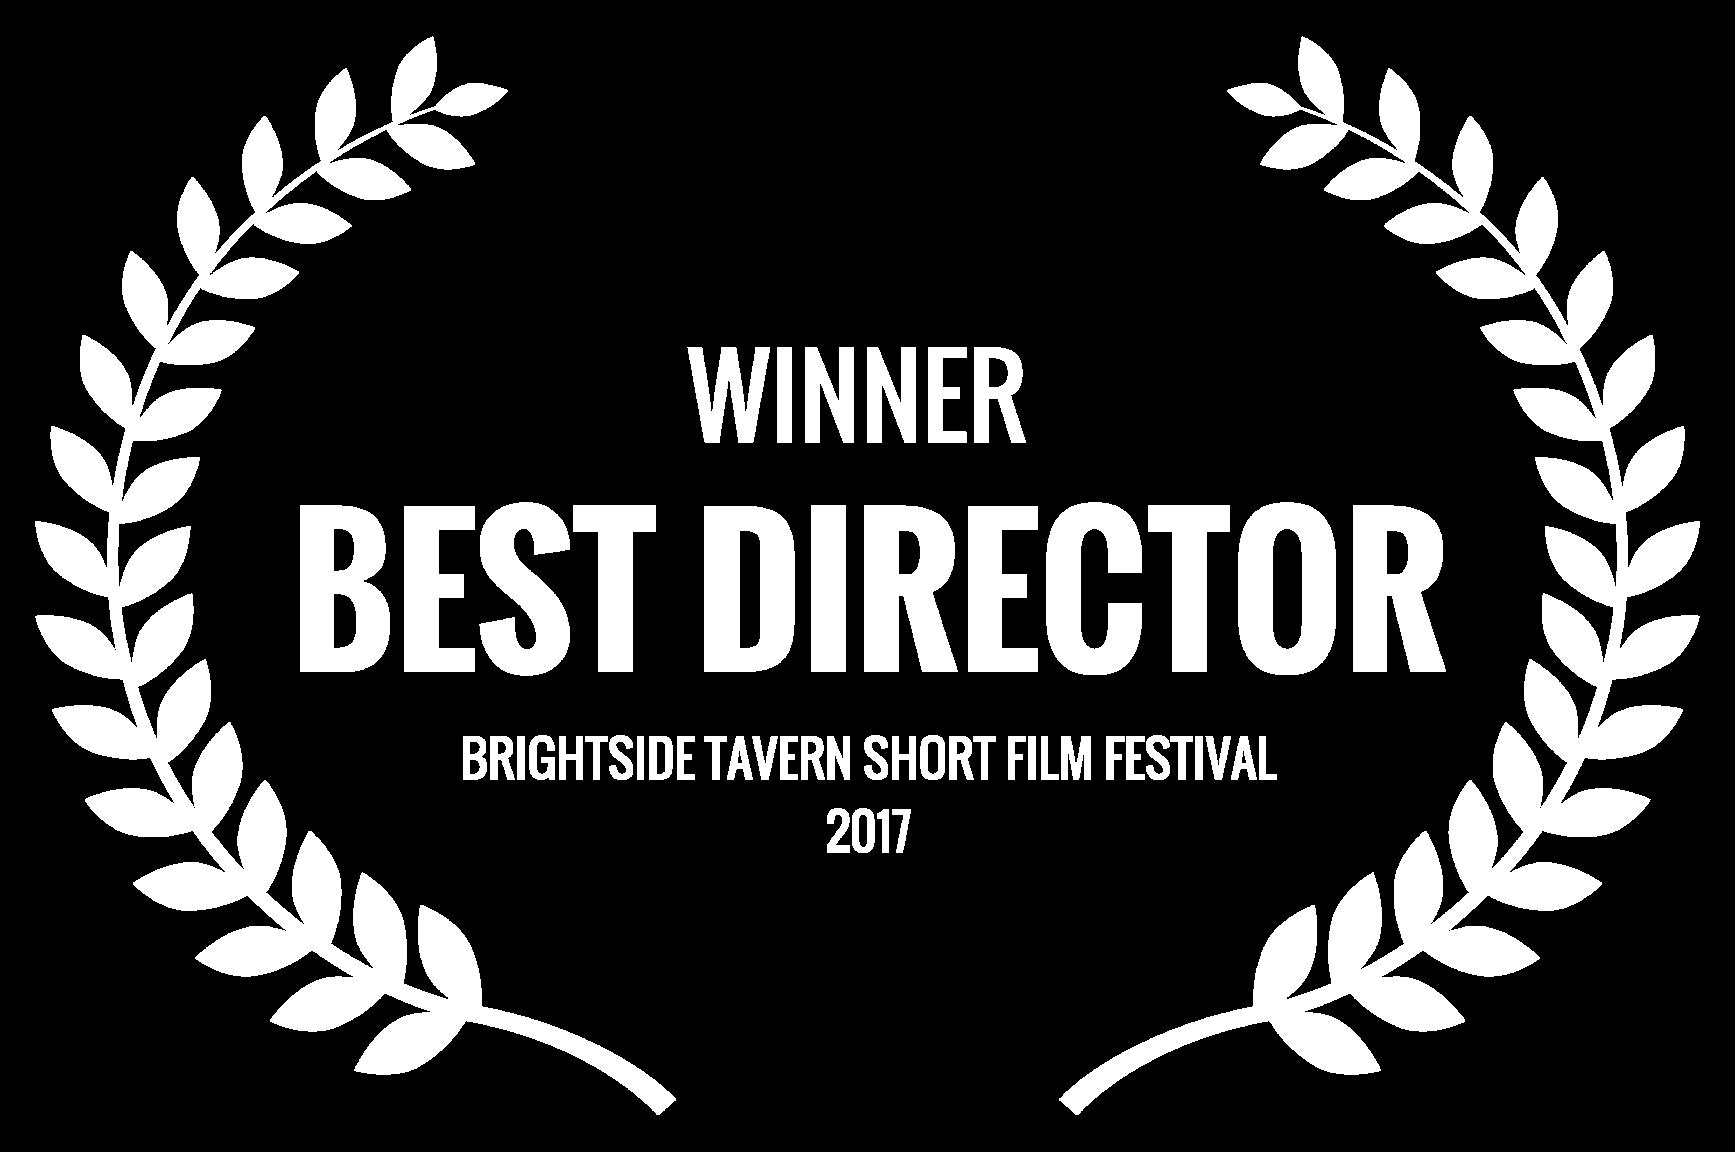 WINNER  - BEST DIRECTOR  - BRIGHTSIDE TAVERN SHORT FILM FESTIVAL 2017.png